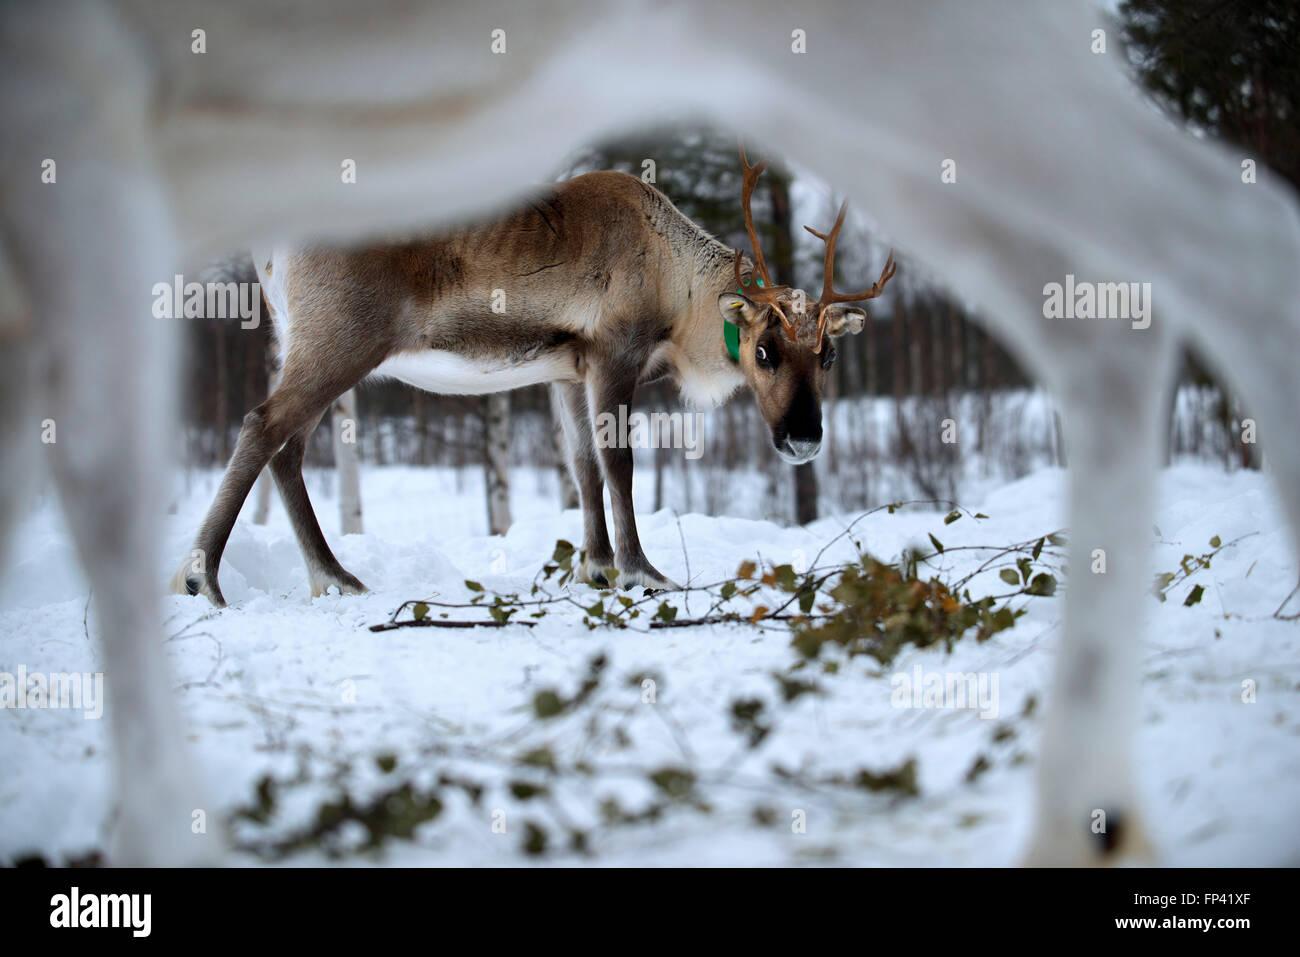 Fattoria di renne nella Salla, Lapponia finlandese. La renna è una icona della Lapponia finlandese, e c'è Immagini Stock